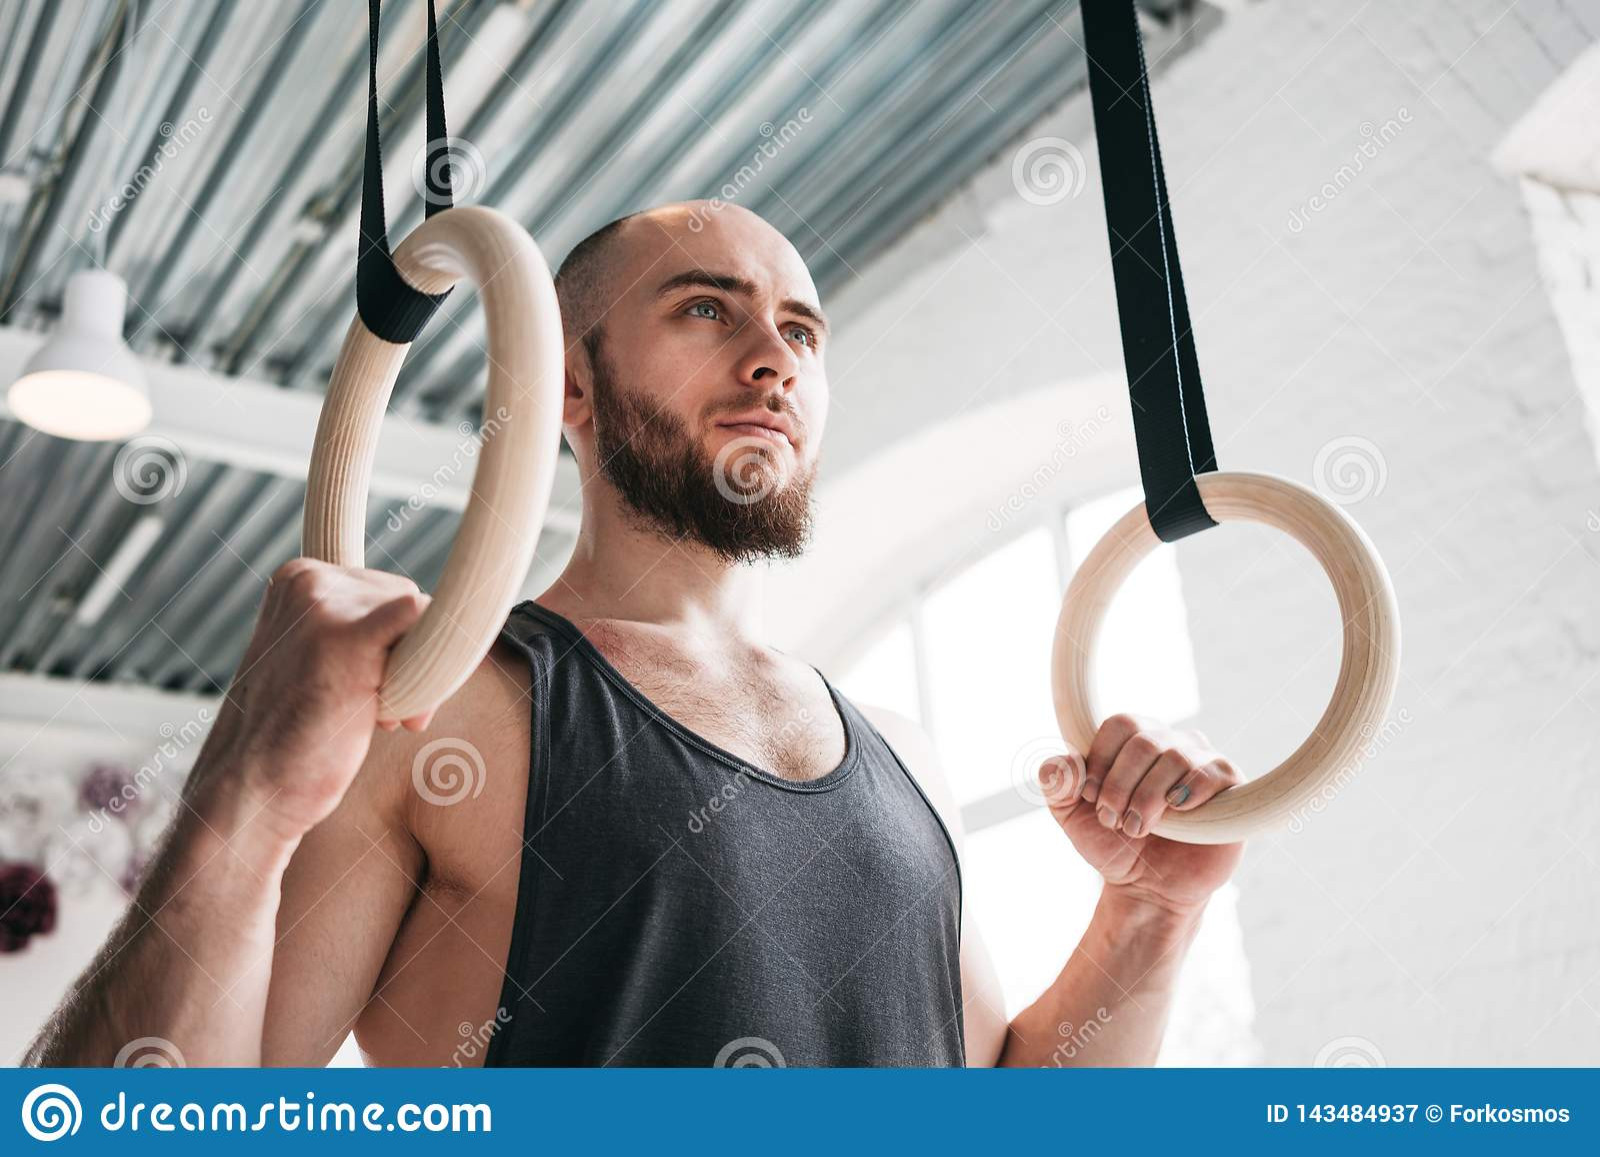 Spier gymnastiek- ringen houden bij lichte gymnastiek en mens die weg kijken